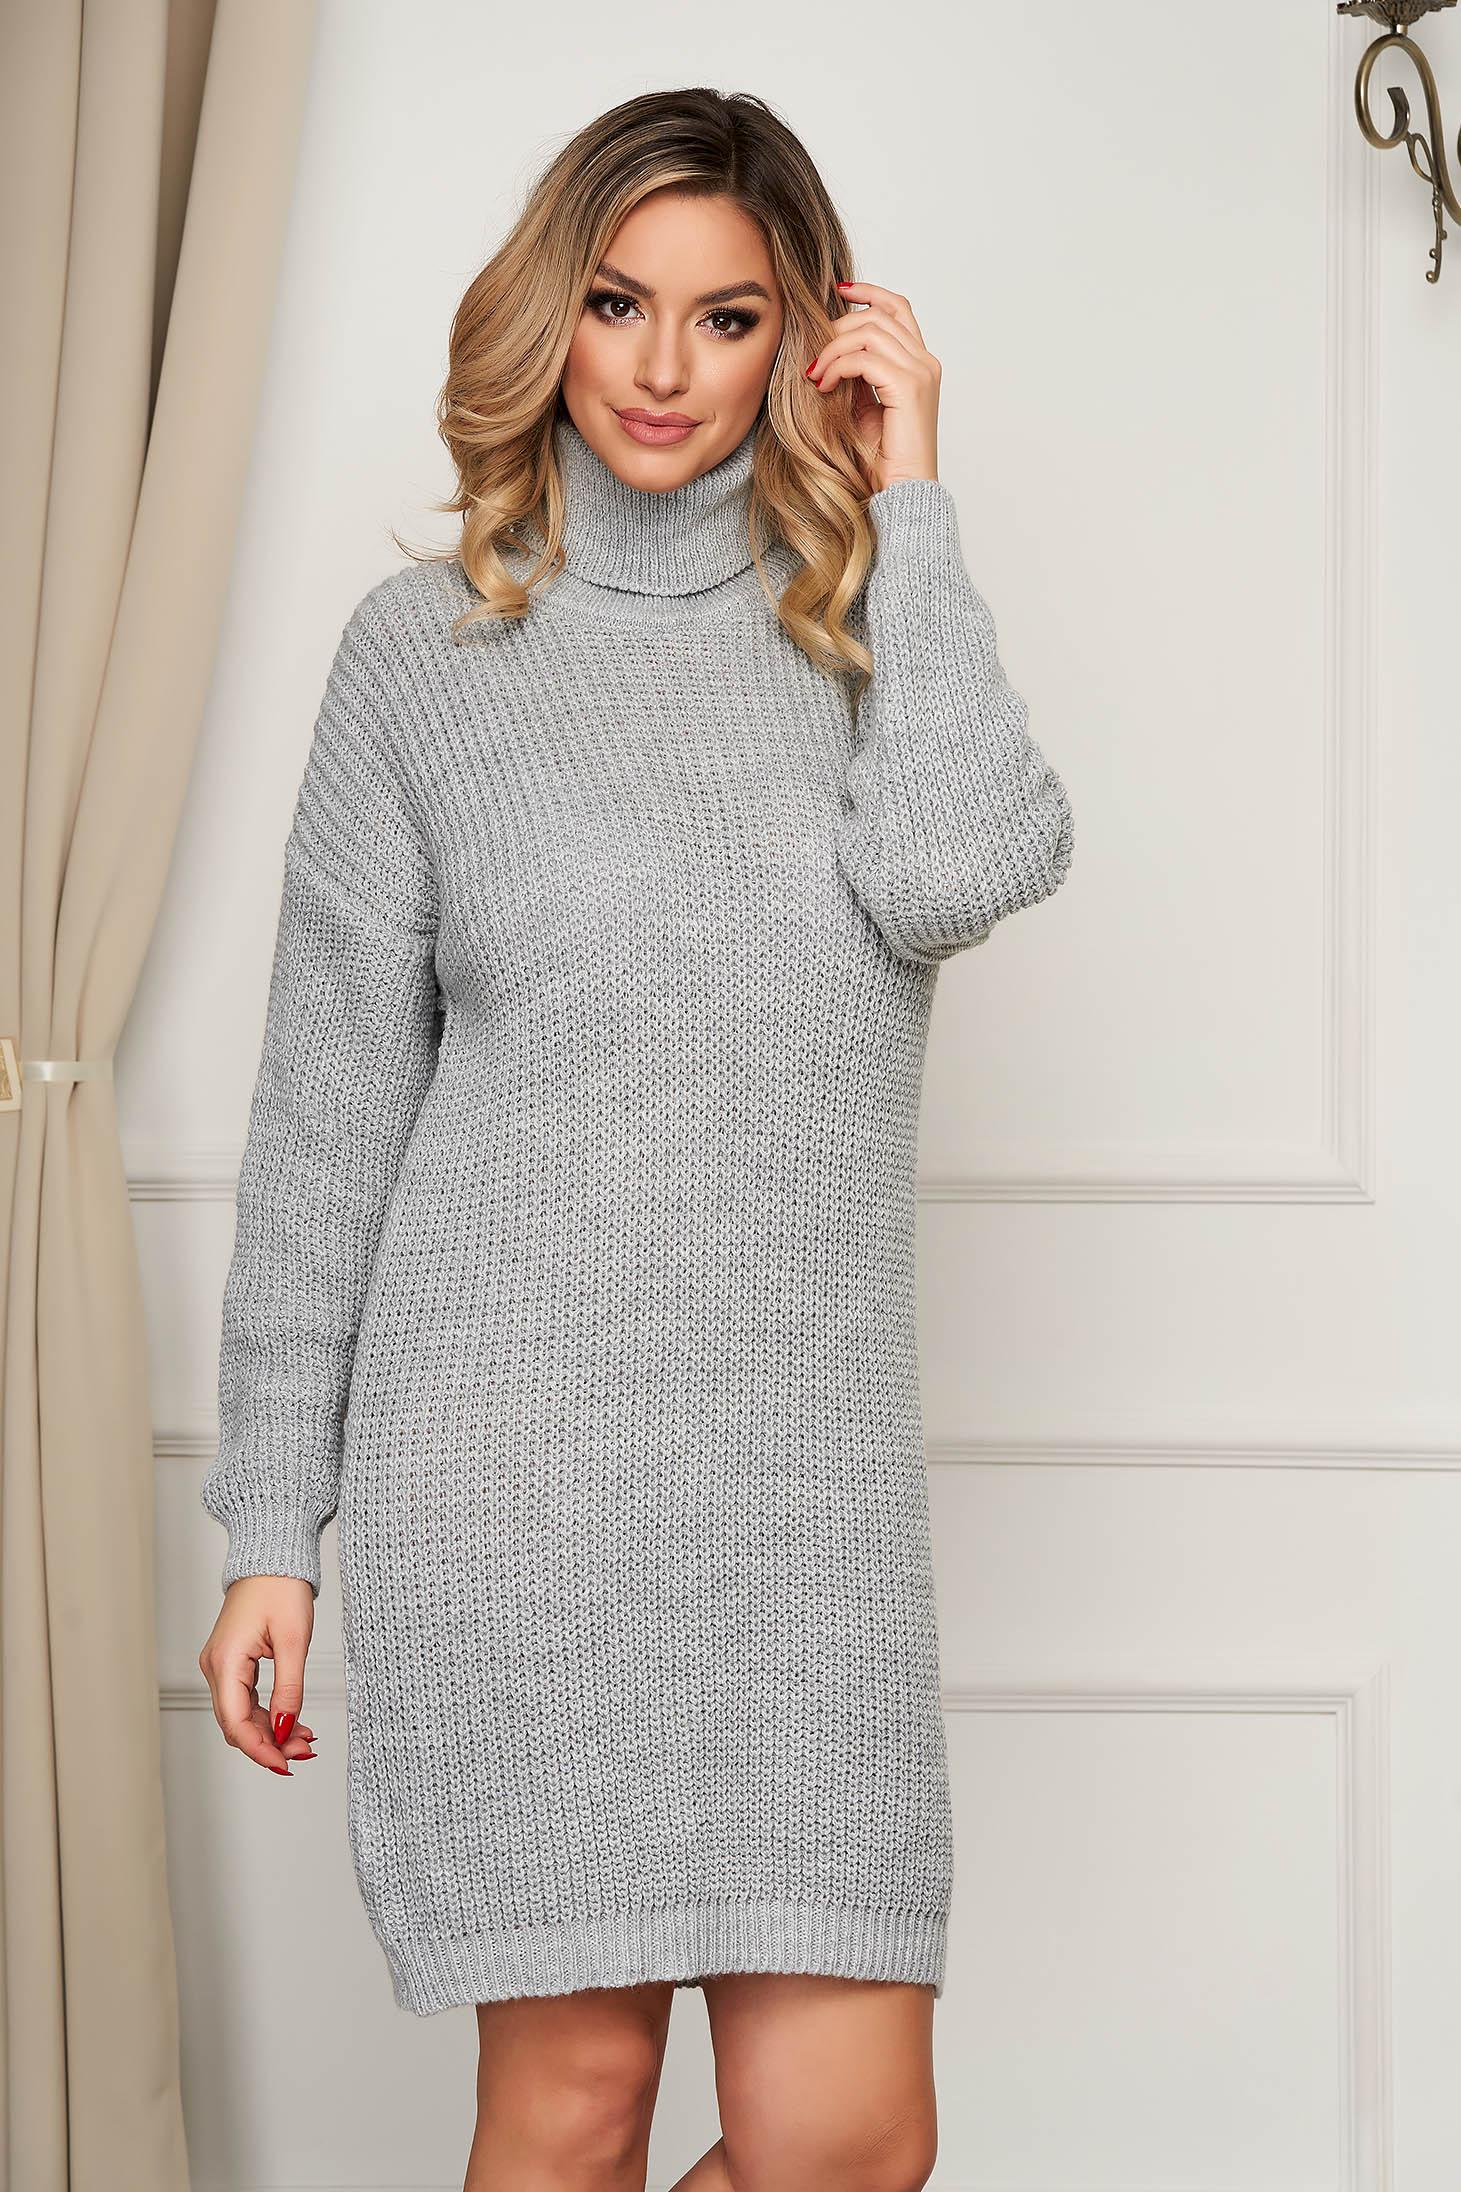 Rochie SunShine gri pe gat tricotata din material elastic cu croi larg